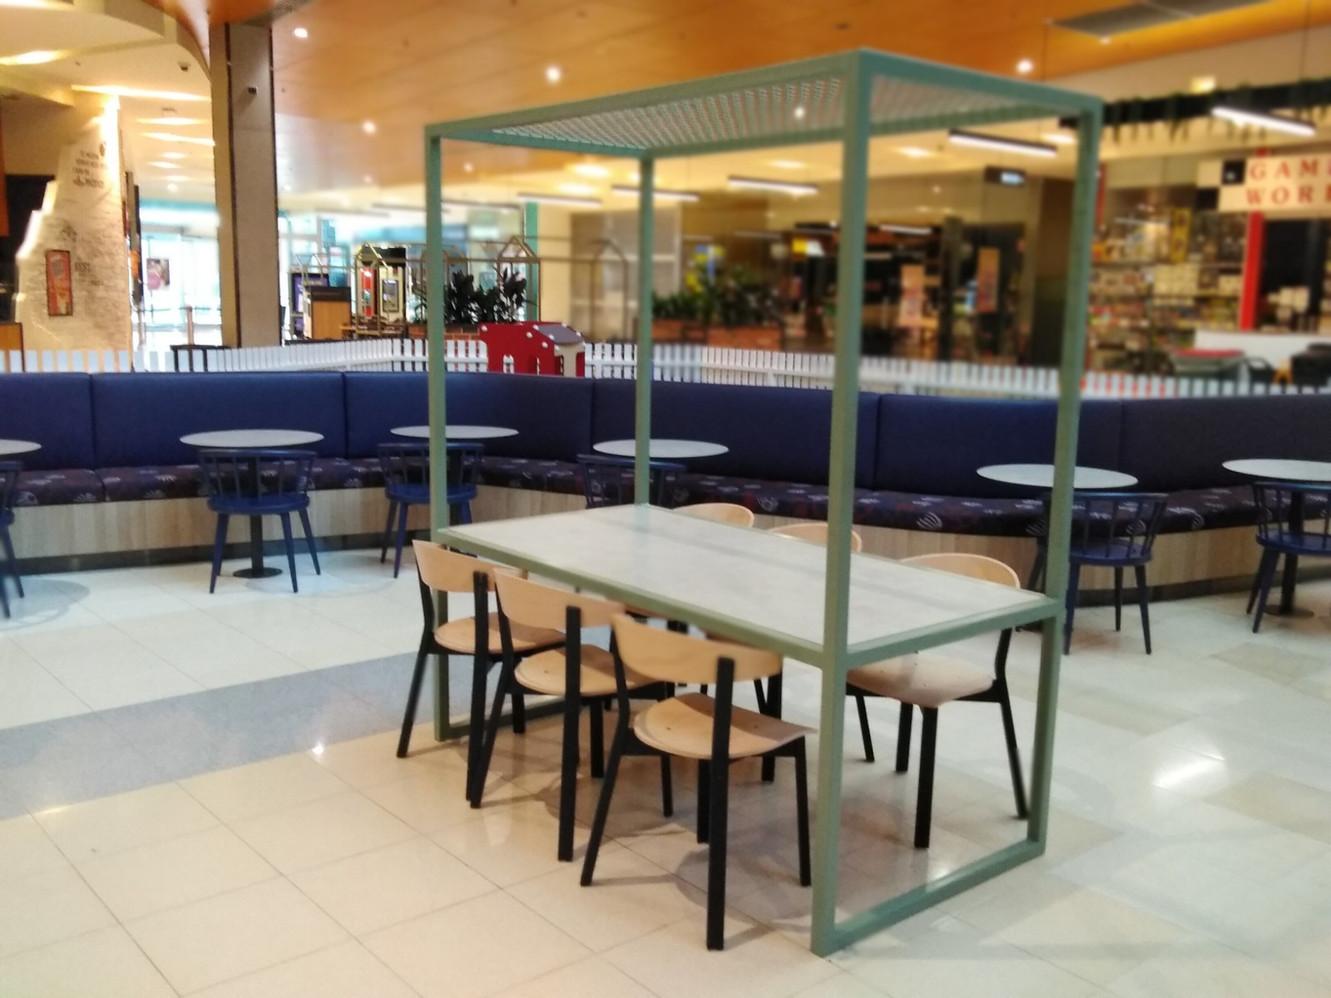 Midland Food Court